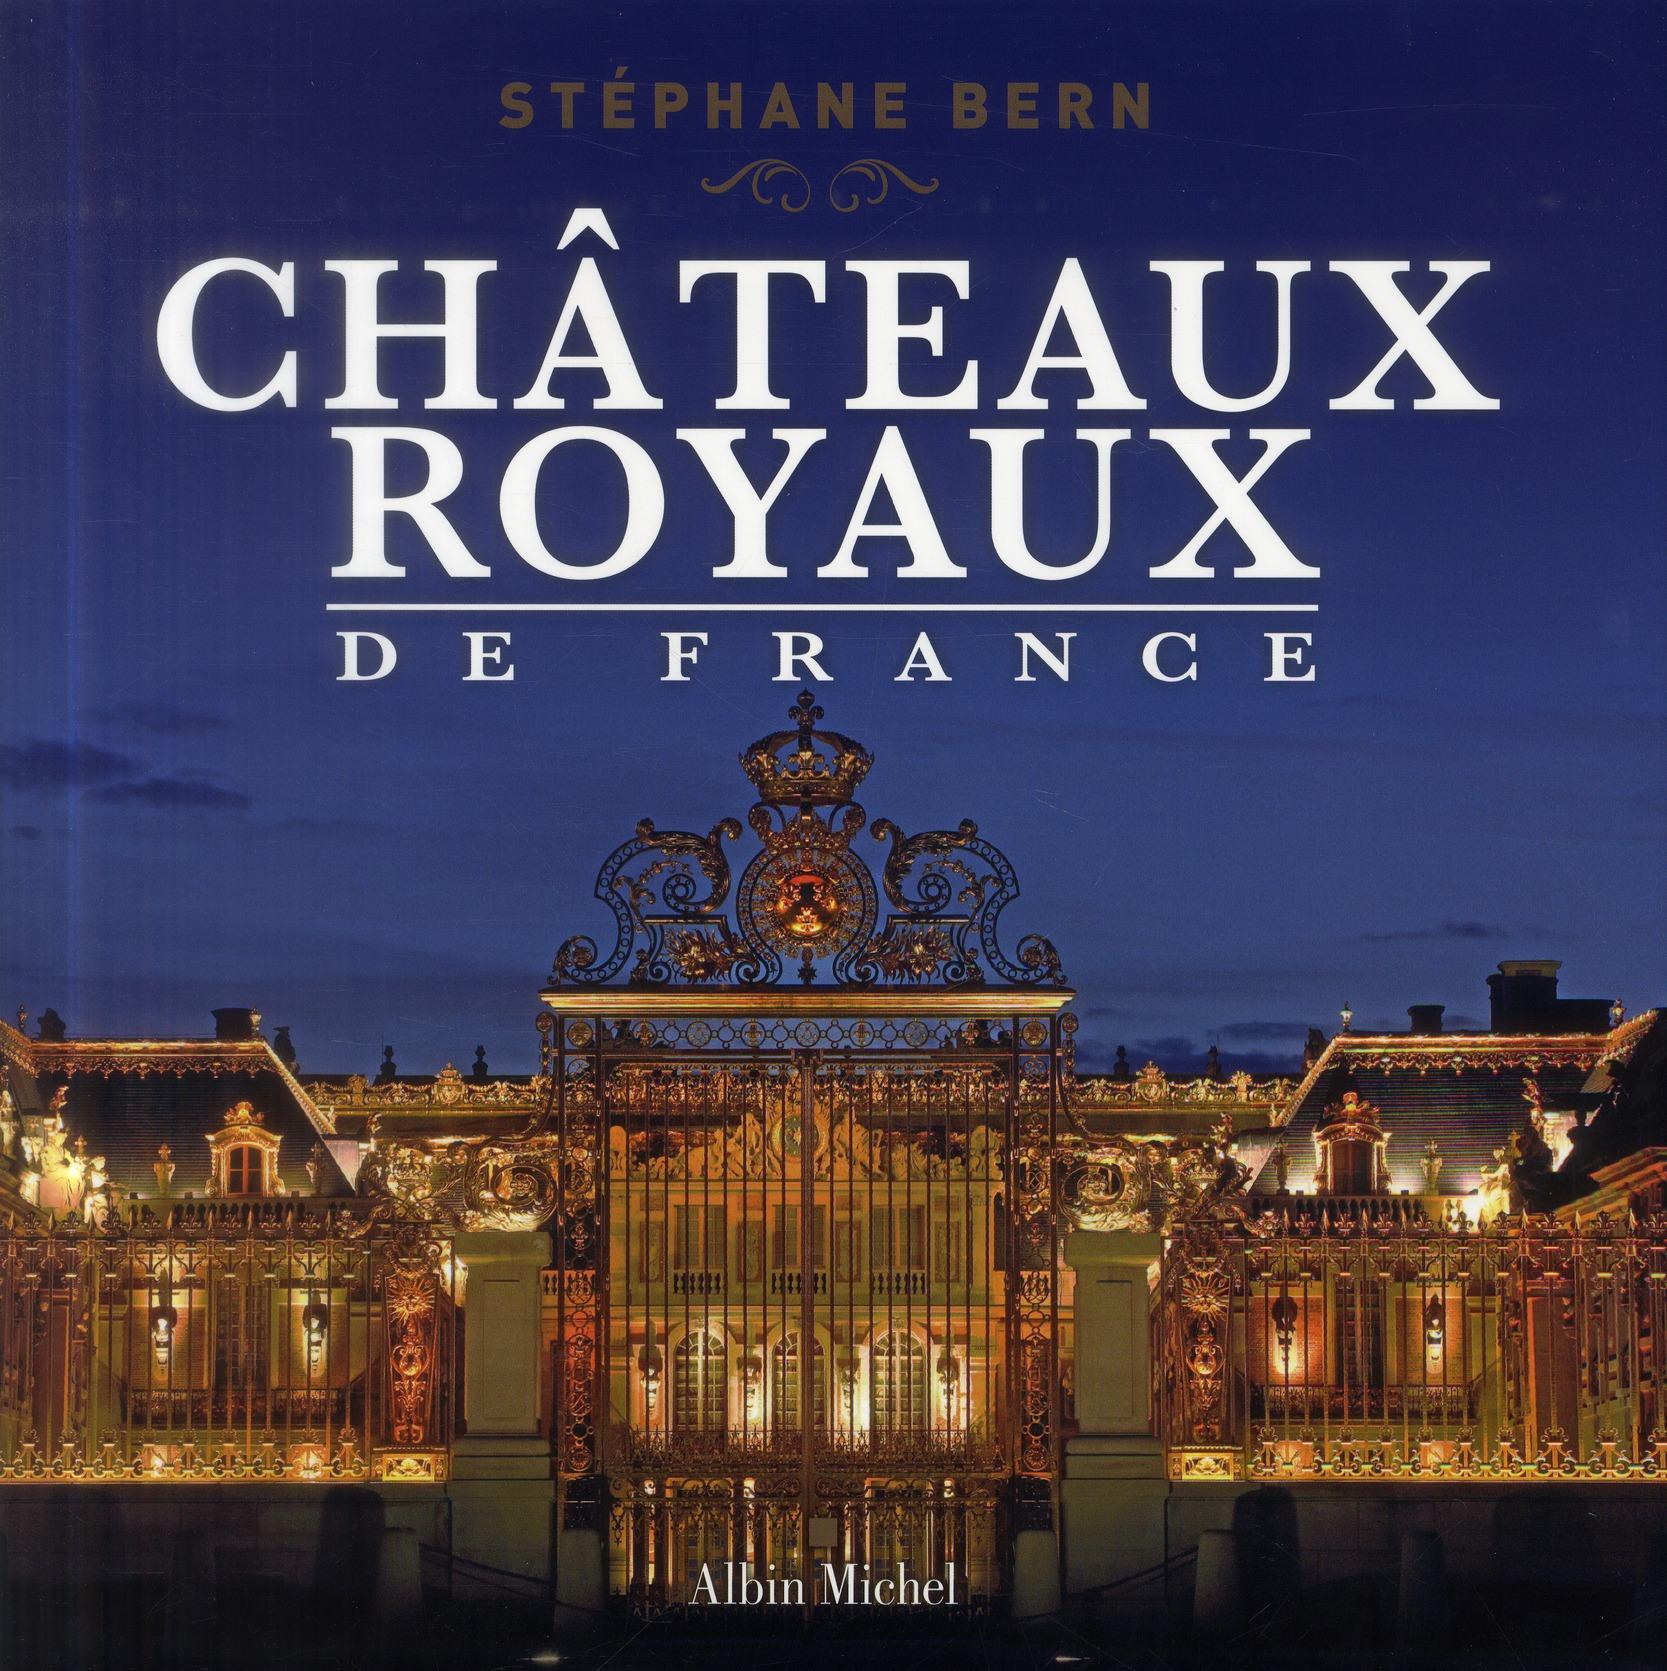 CHATEAUX ROYAUX DE FRANCE